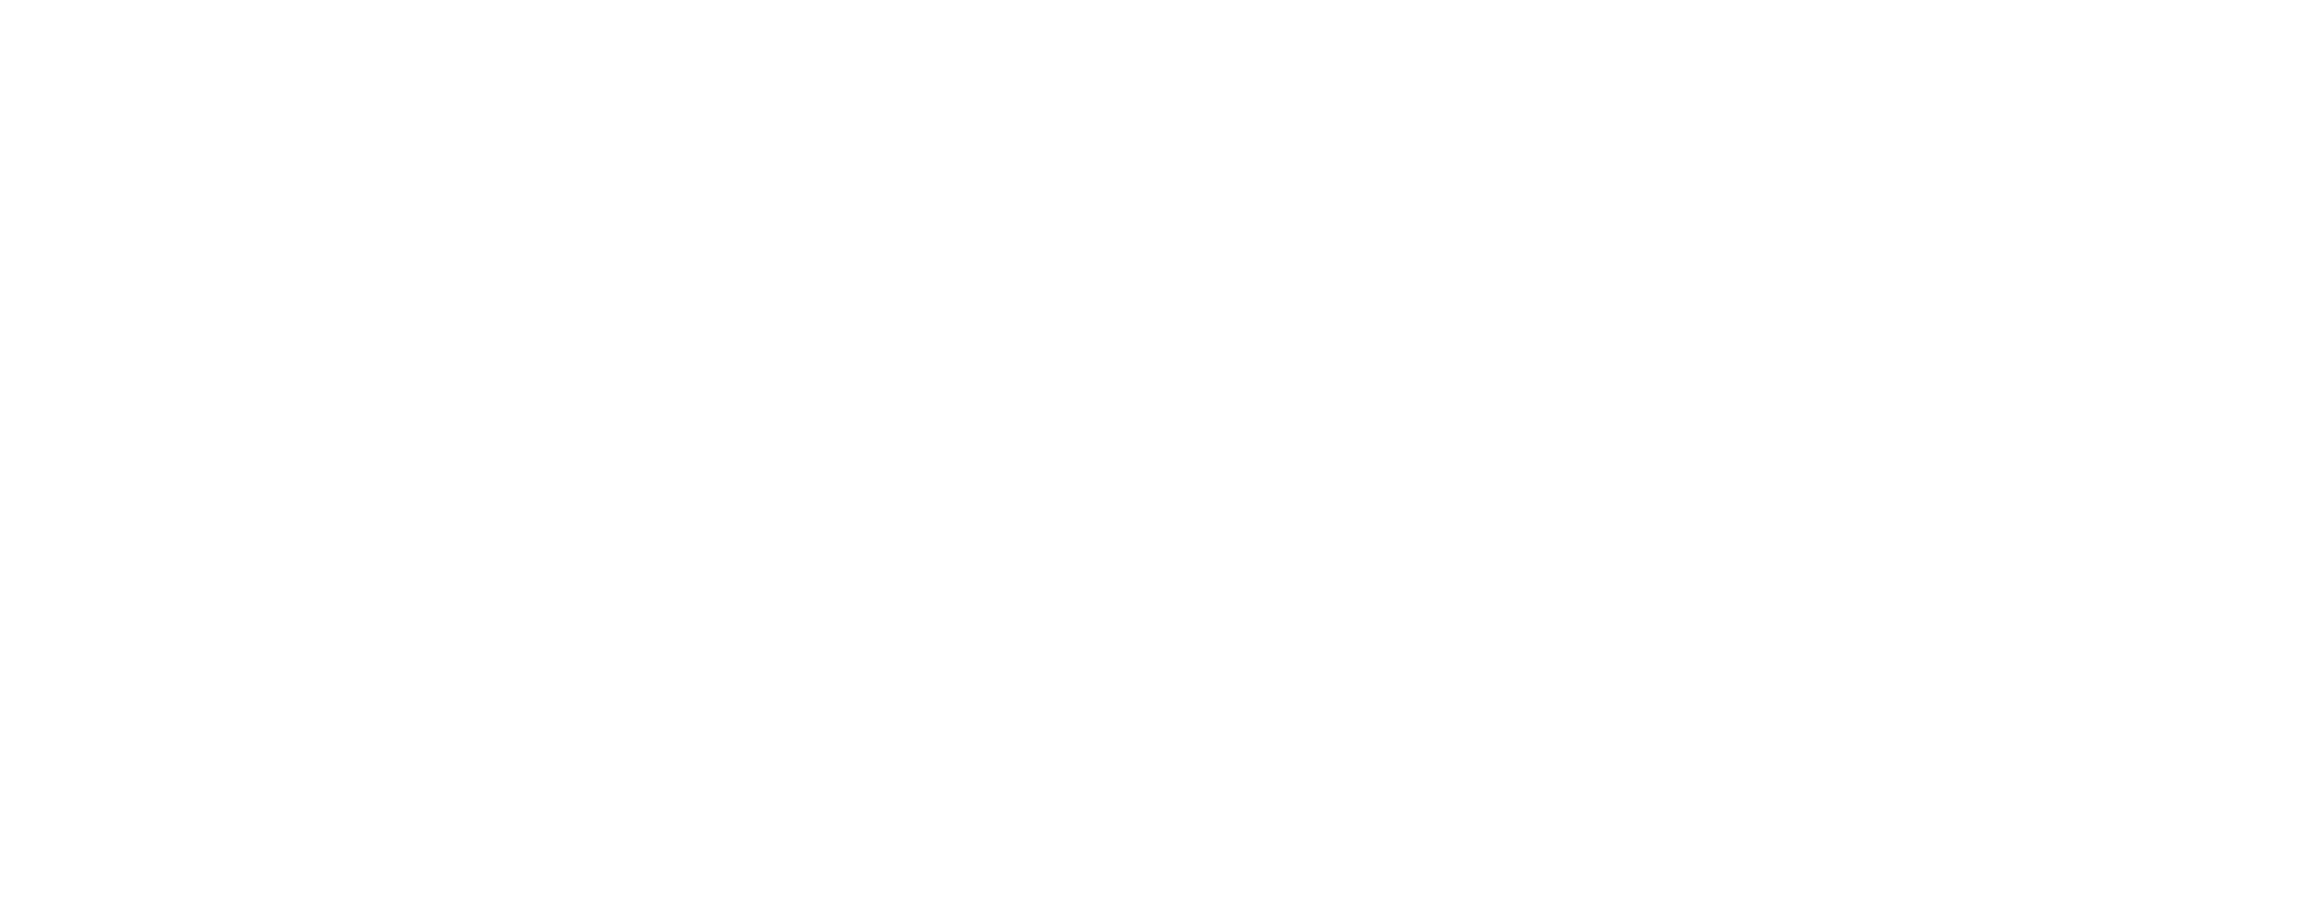 Vauway